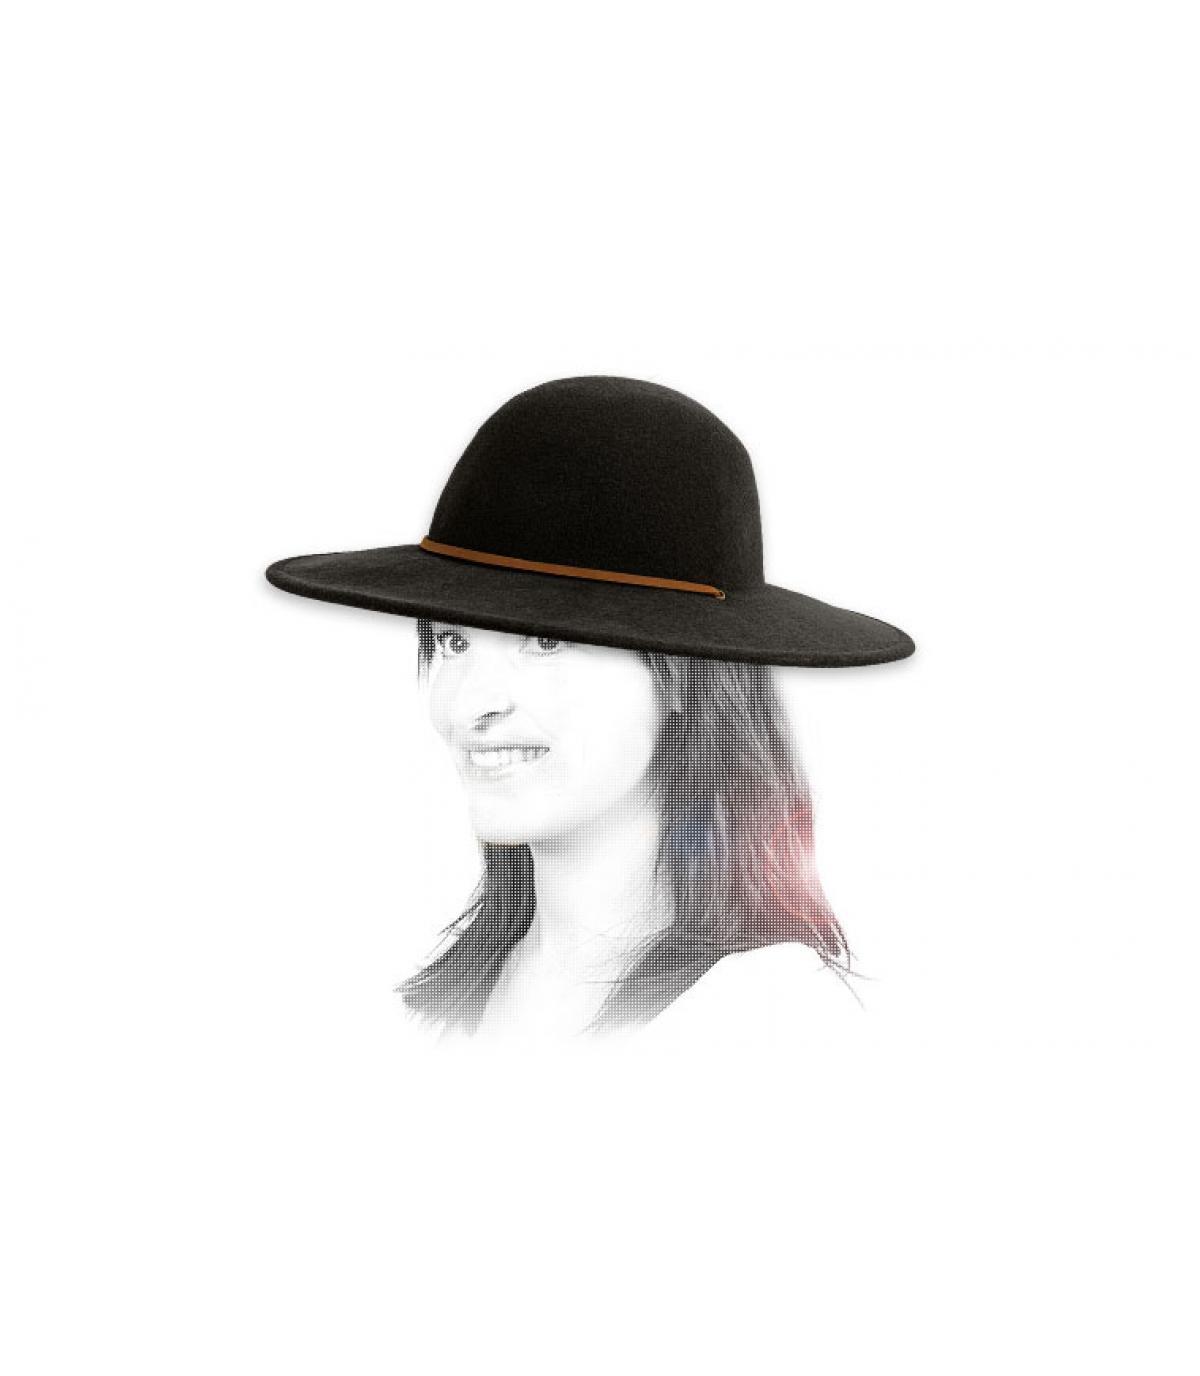 Details Tiller schwarz Damen Hut - Abbildung 3